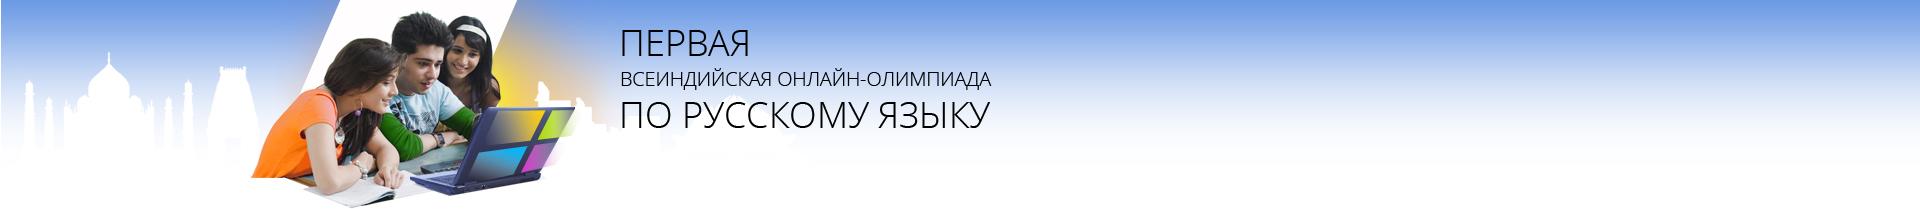 poloska